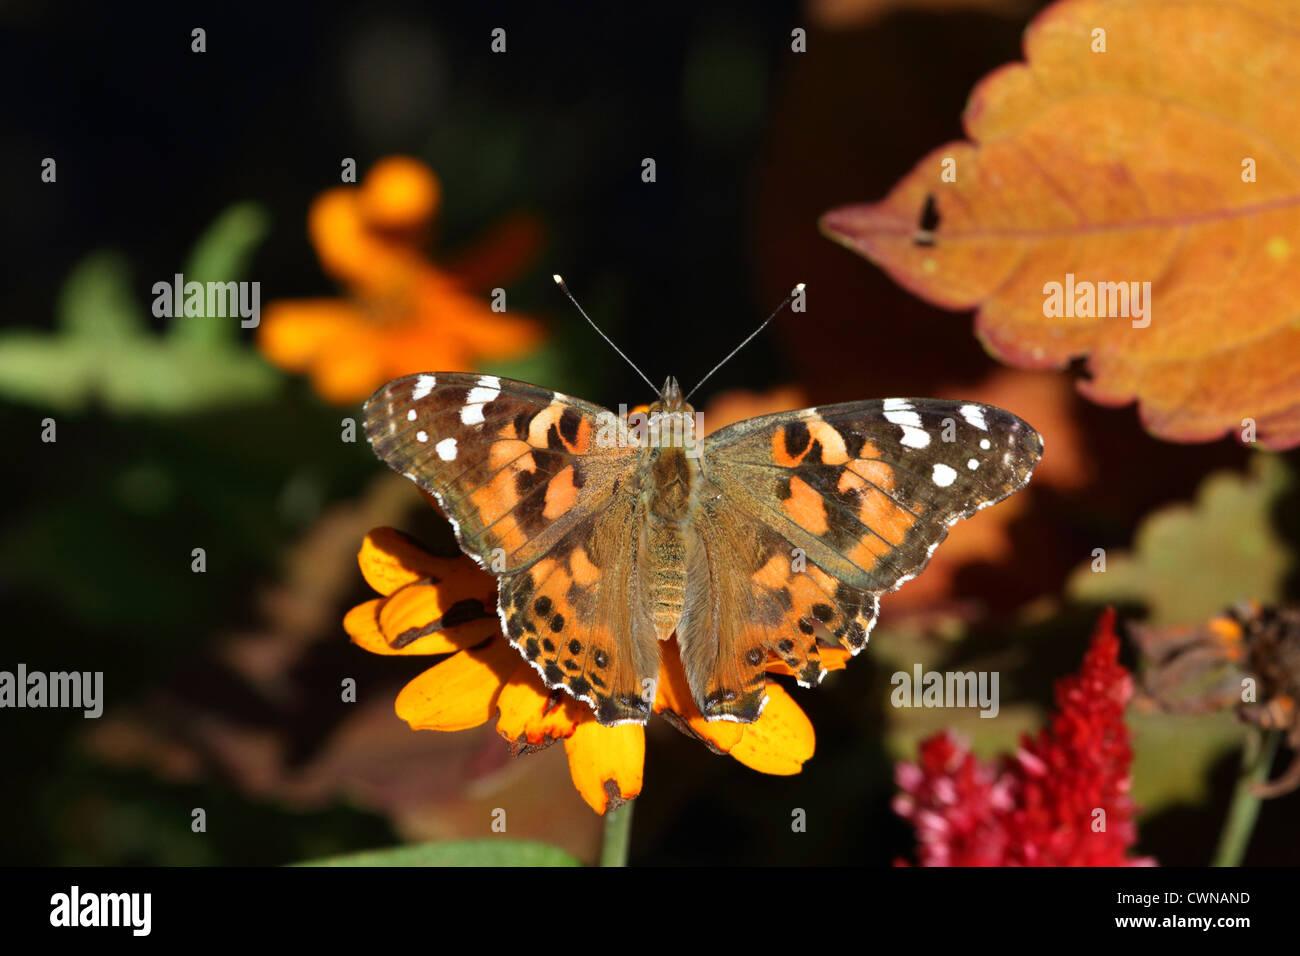 Un American Painted Lady Butterfly, Vanessa virginiensis, alimentándose de una flor en un jardín. Aprendizaje's Foto de stock